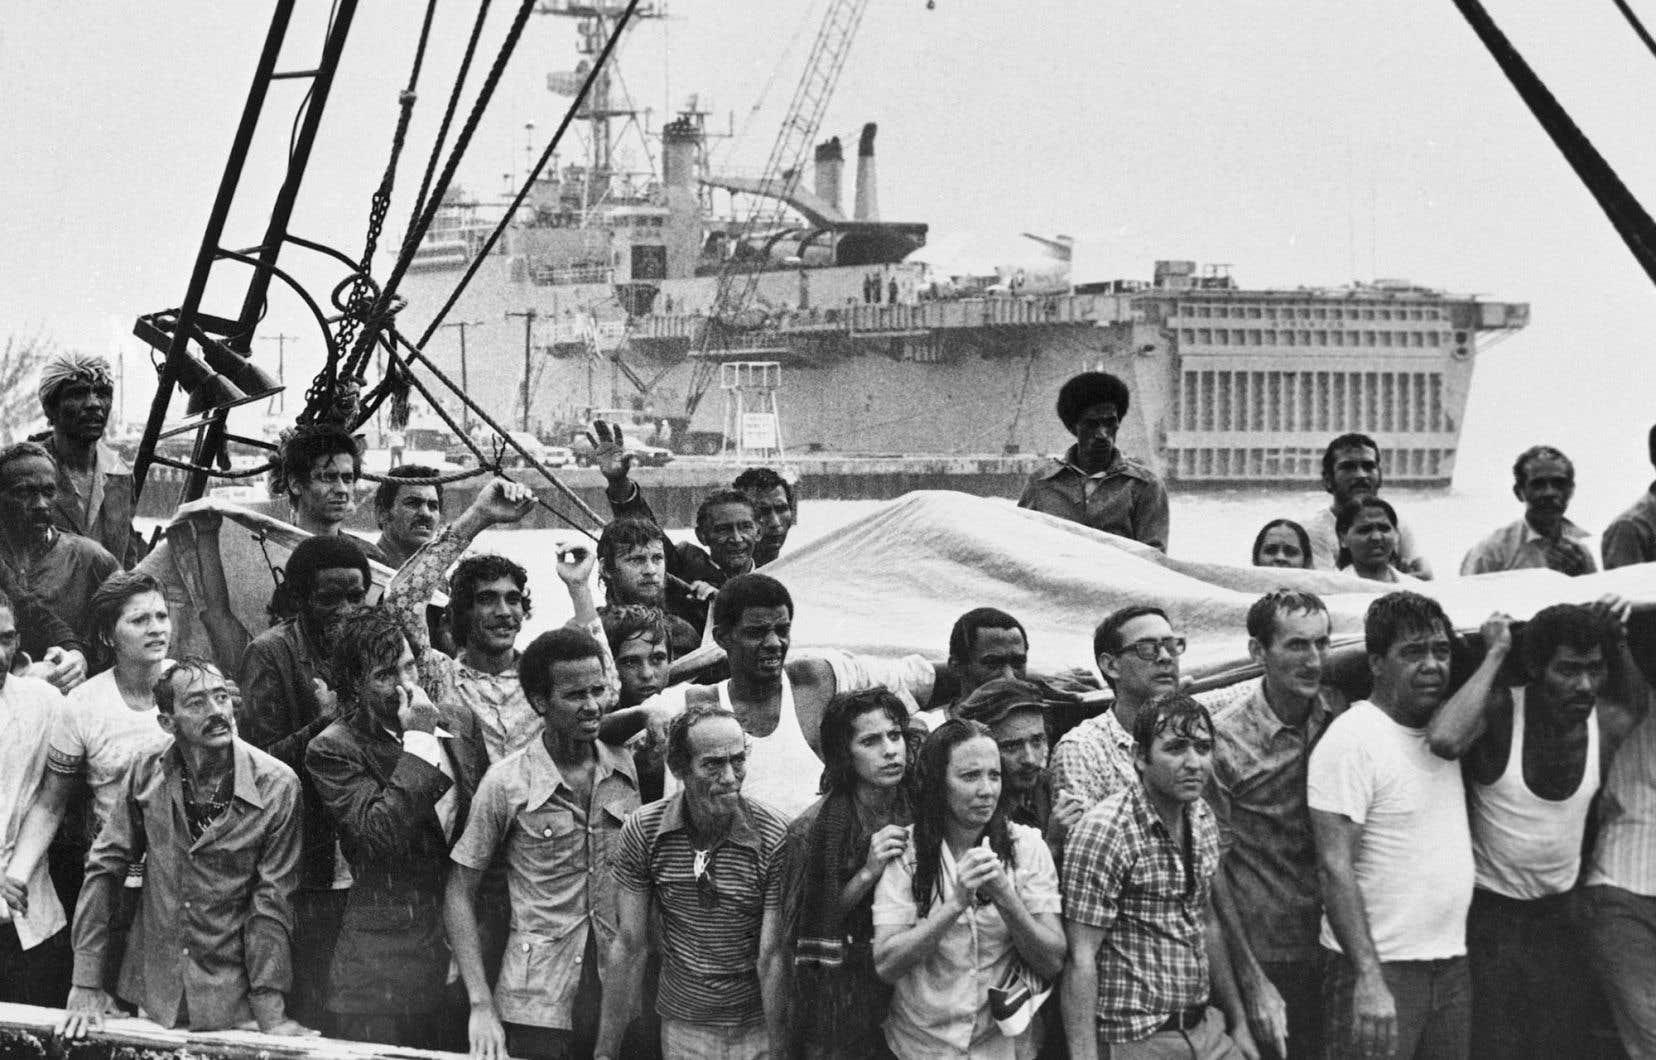 Des réfugiés cubains attendent sur le pont de leur bateau à leur arrivée à Key West, en Floride, en mai 1980.